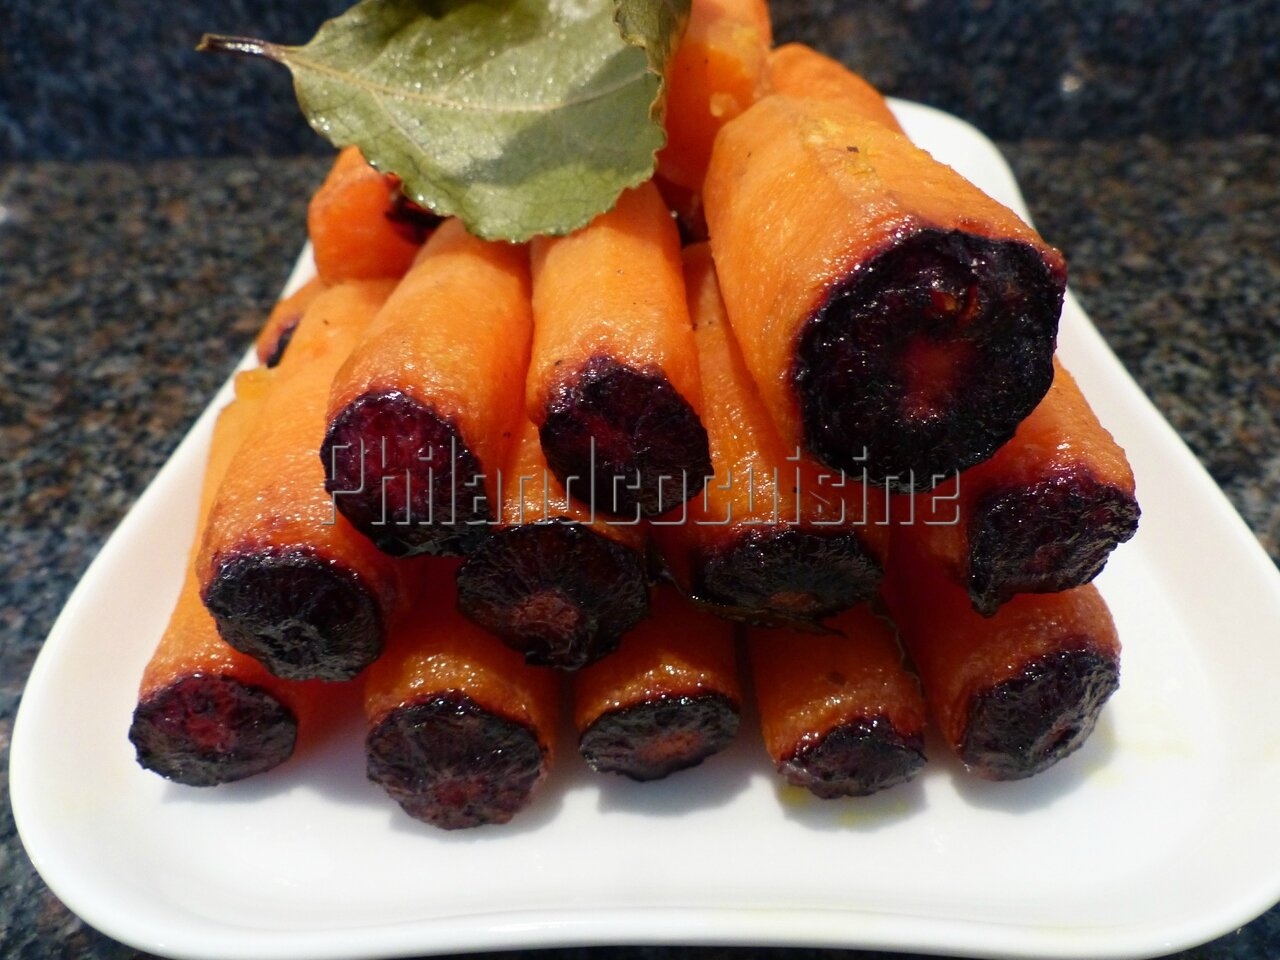 Les carottes sont cuites !